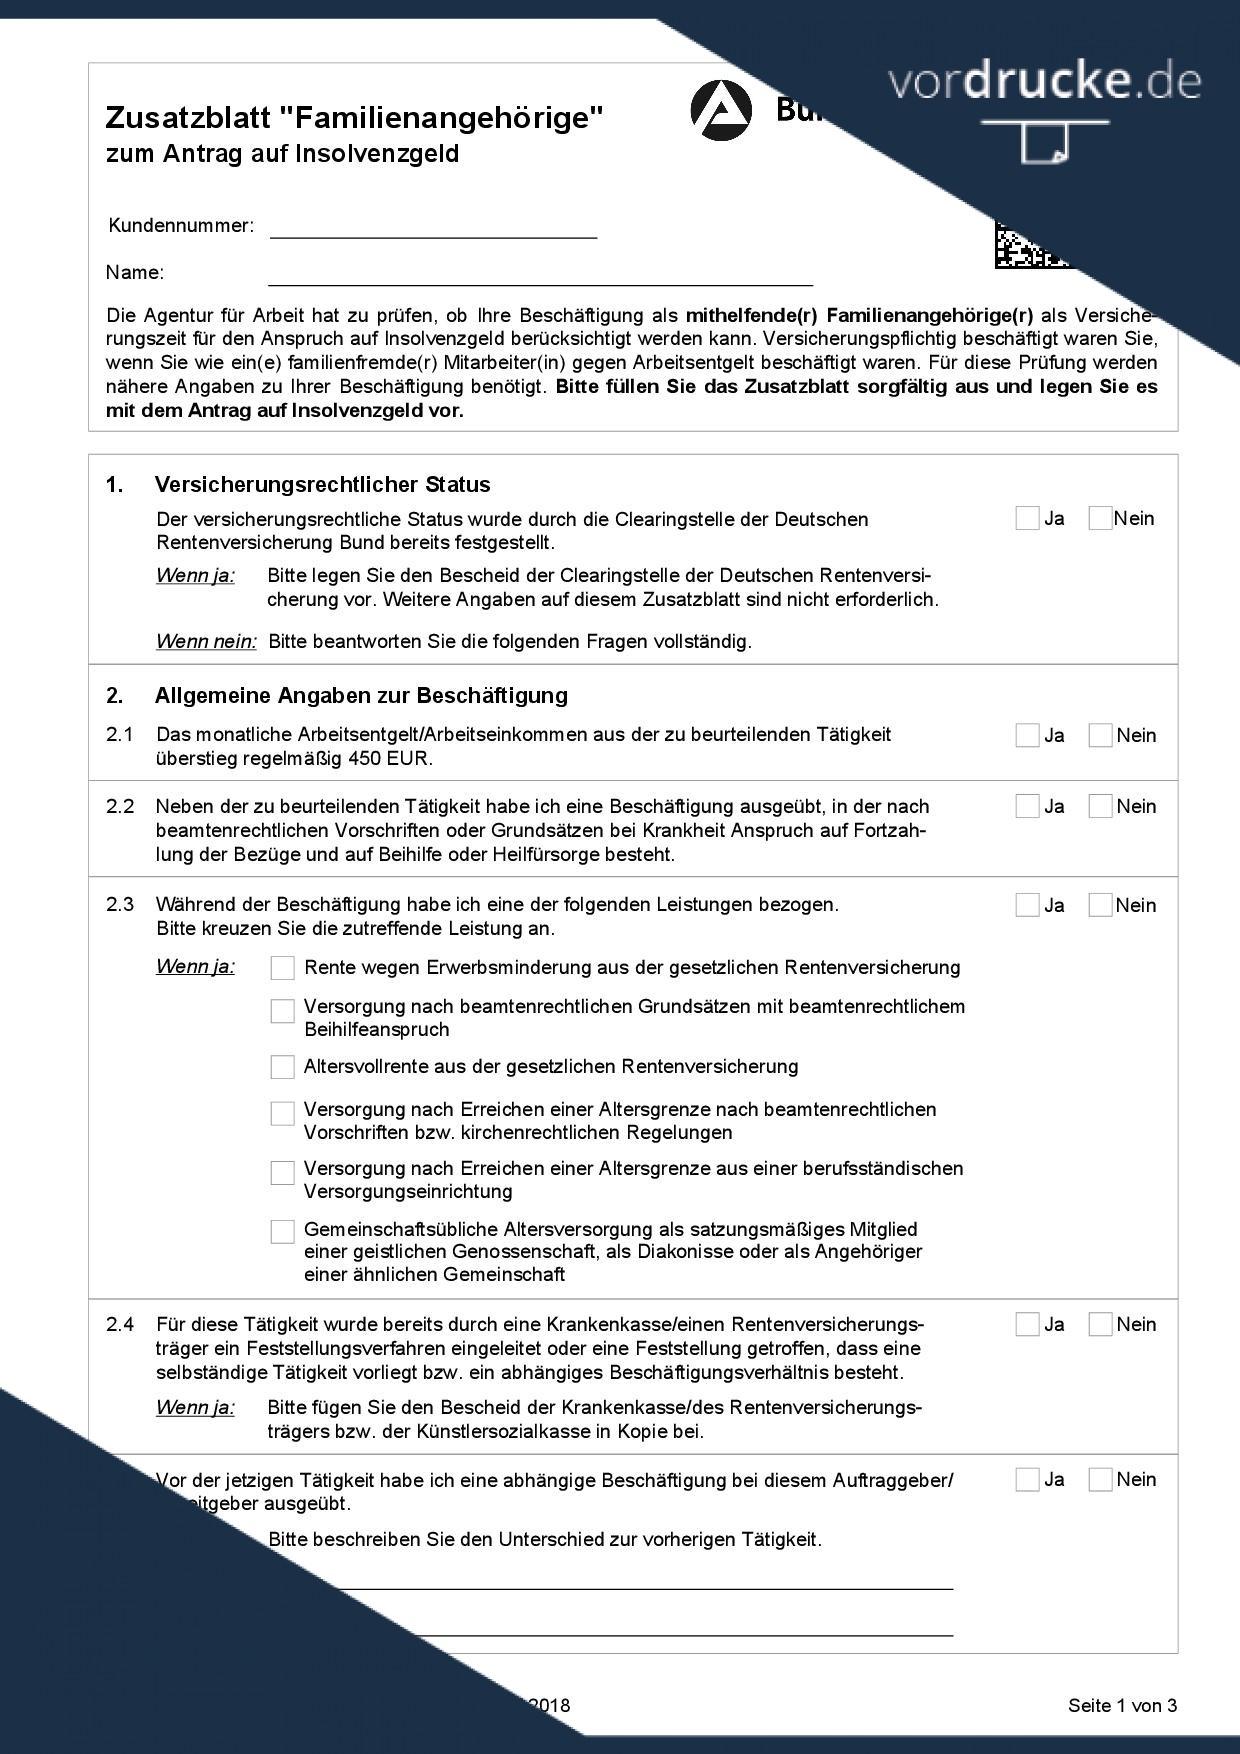 Zusatzblatt-zu-Familienangehörigen-zum-Antrag-auf-Insolvenzgeld